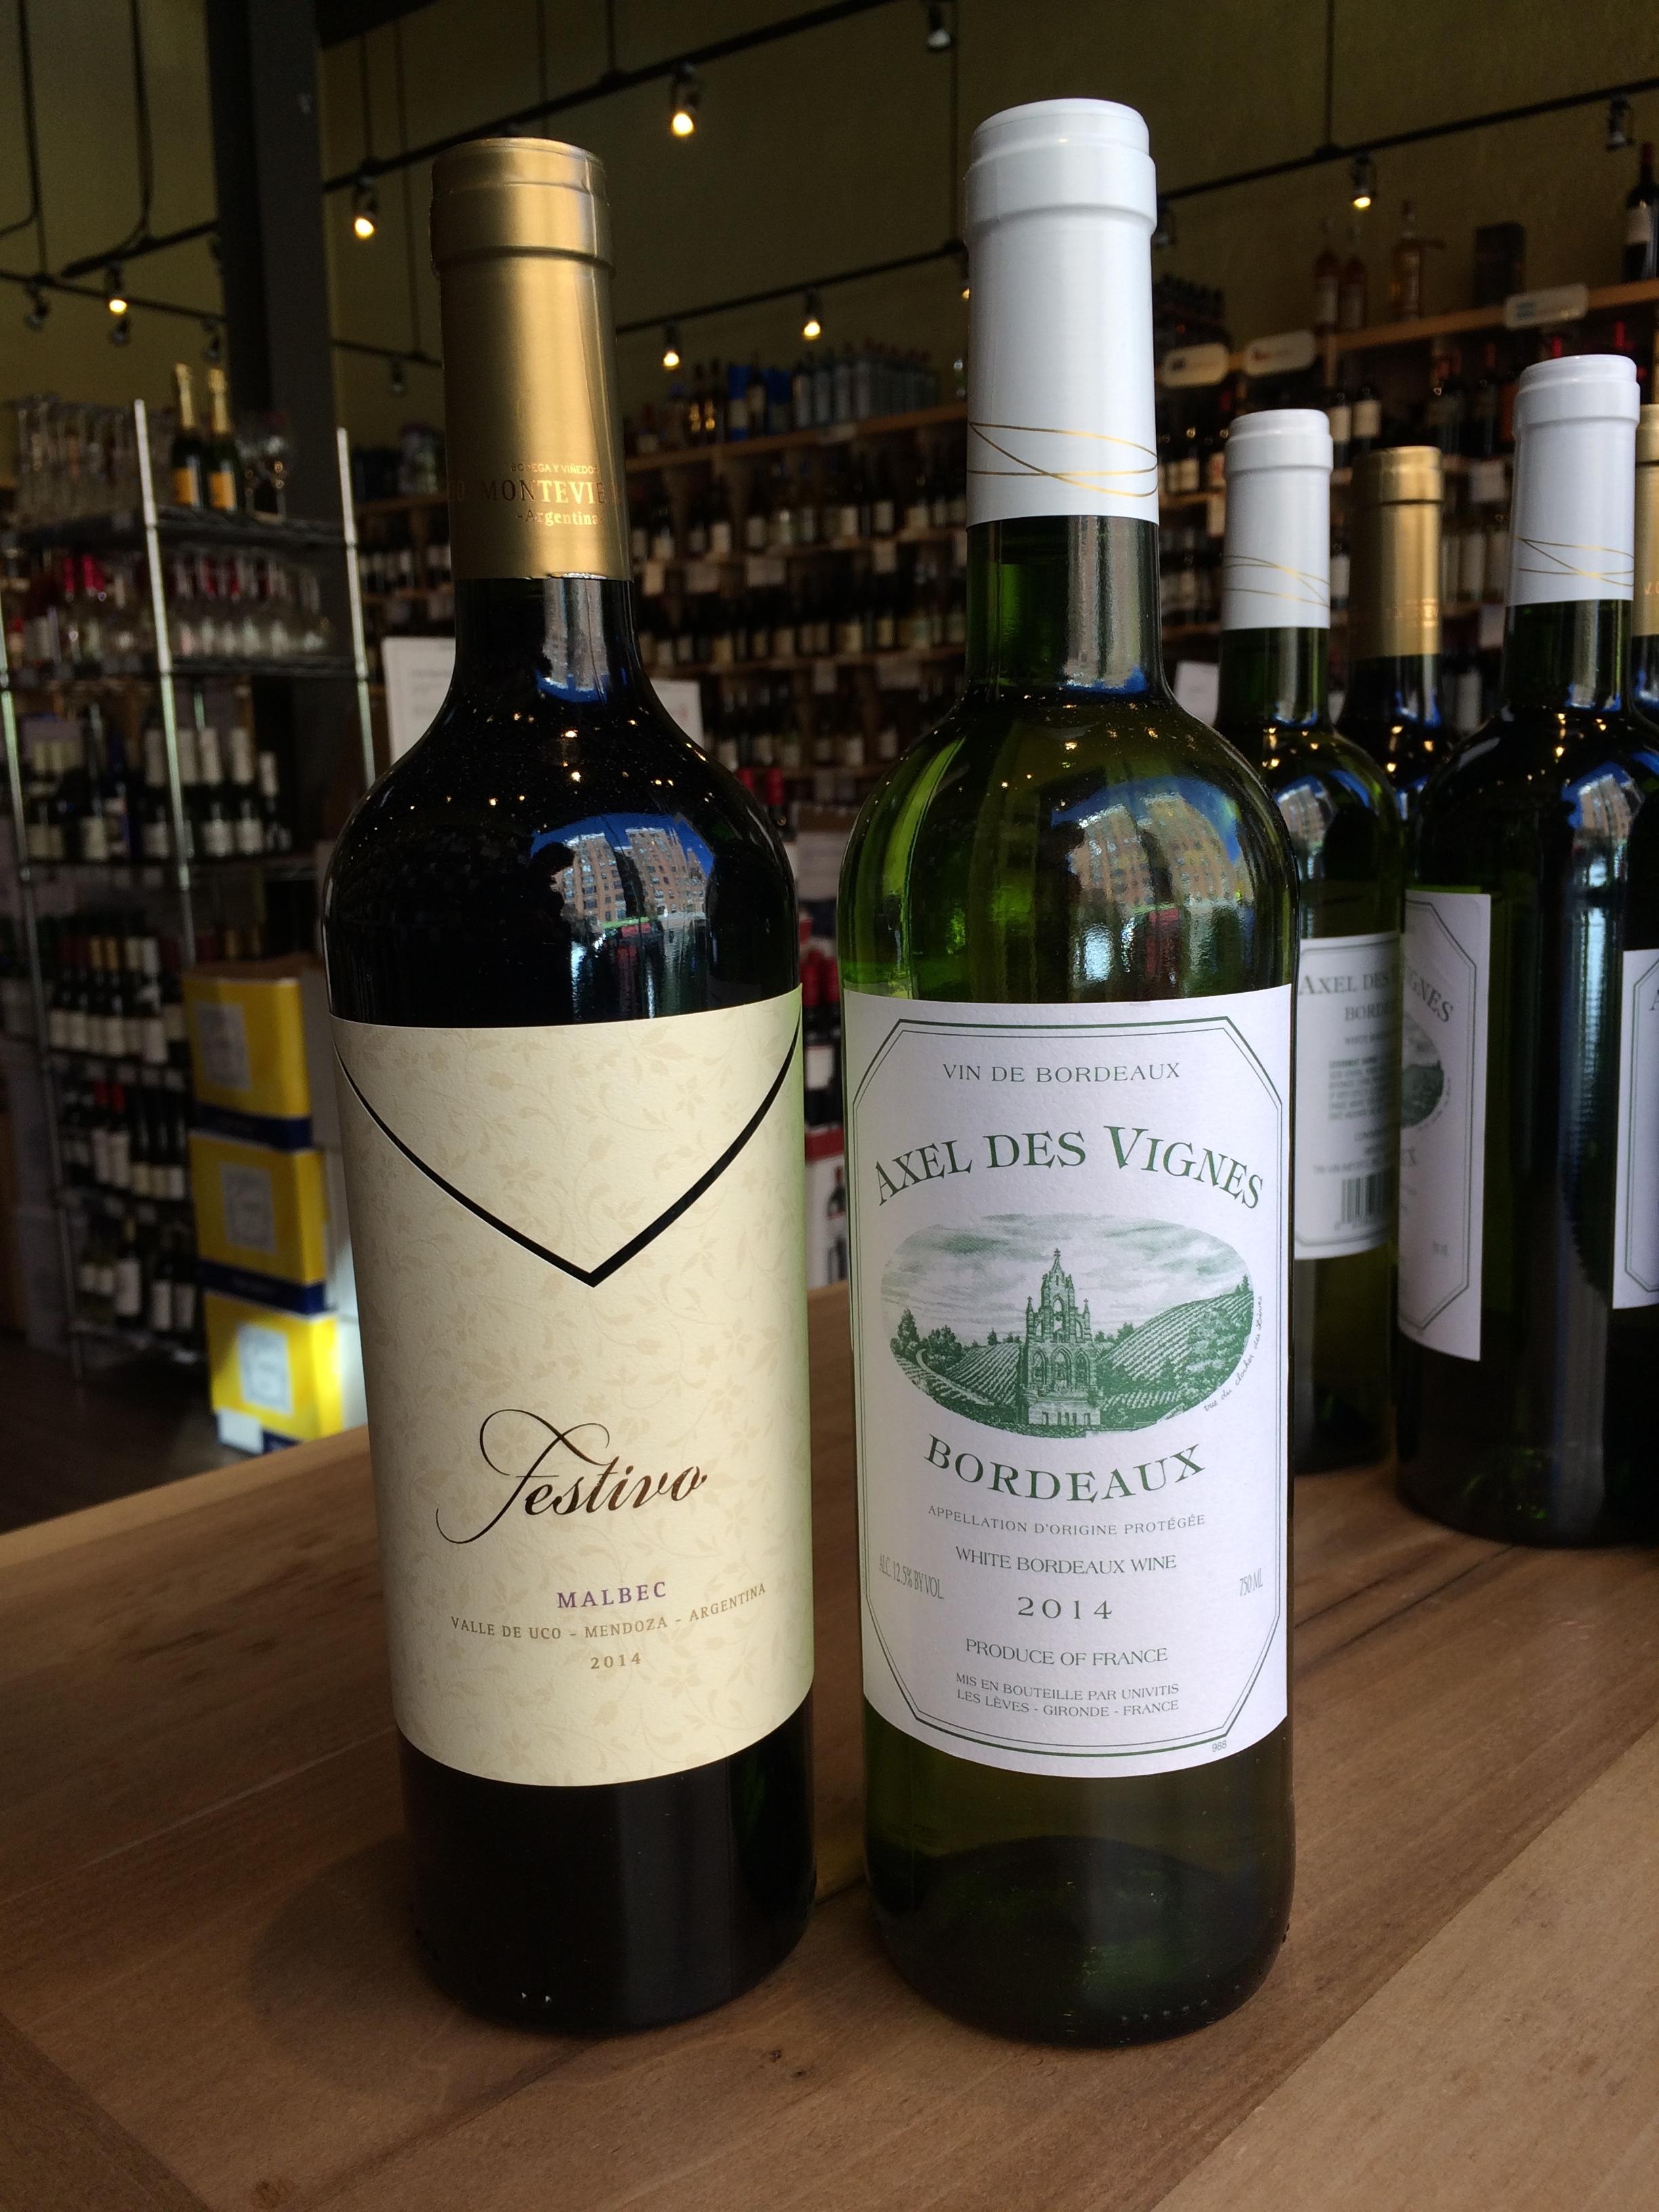 2014 Festivo Malbec and 2014 Axel de Vignes Sauvignon Blanc Bordeaux